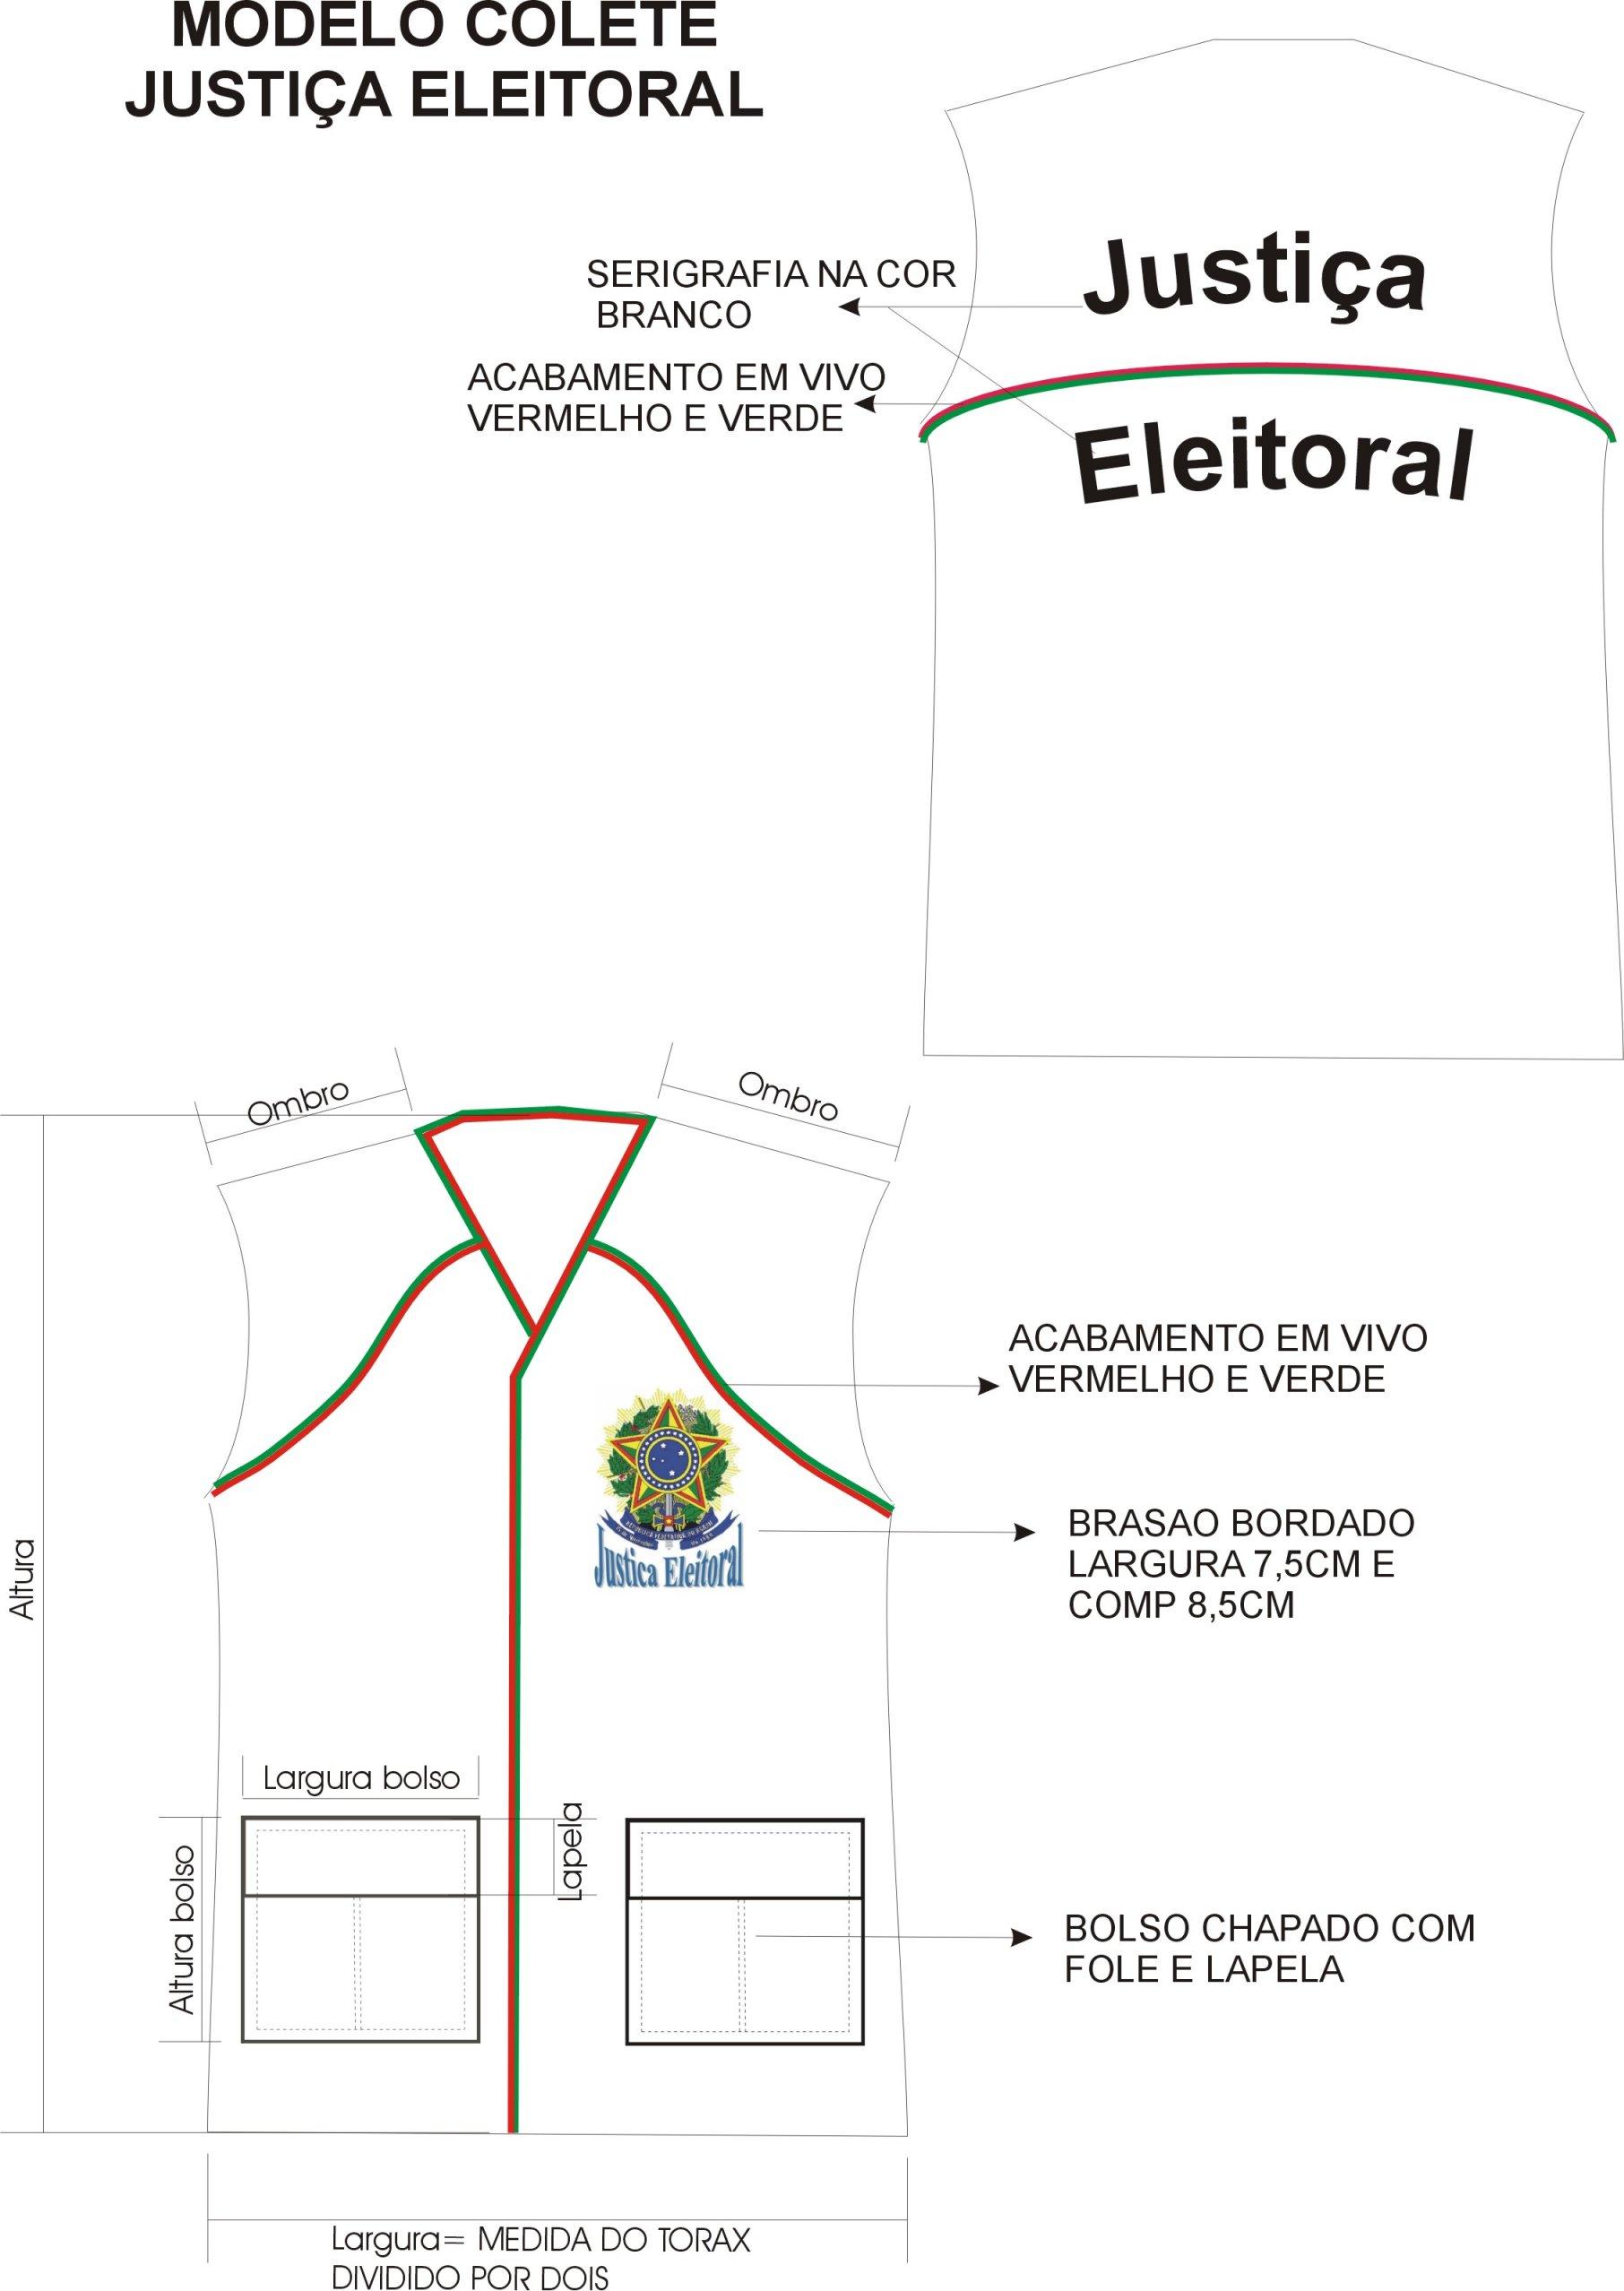 Pregões 2004 Tribunal Regional Eleitoral De Santa Catarina